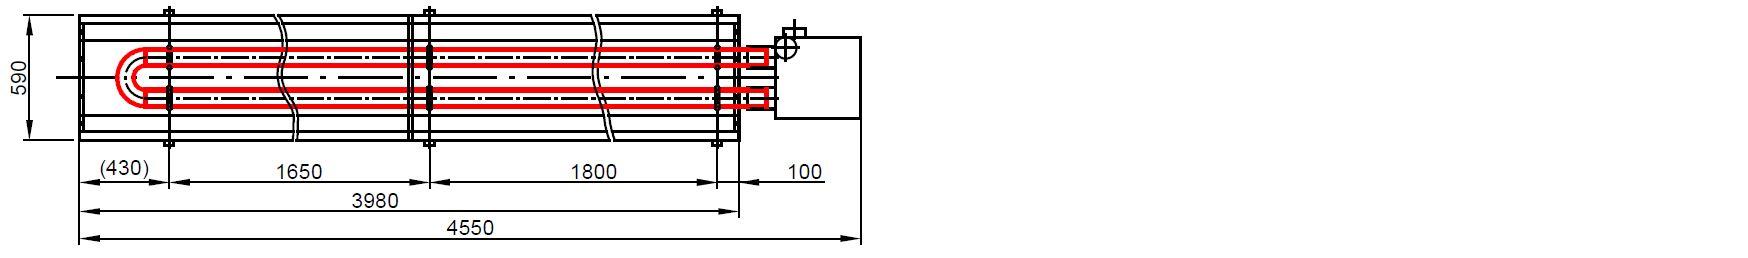 KM-10-U-4m